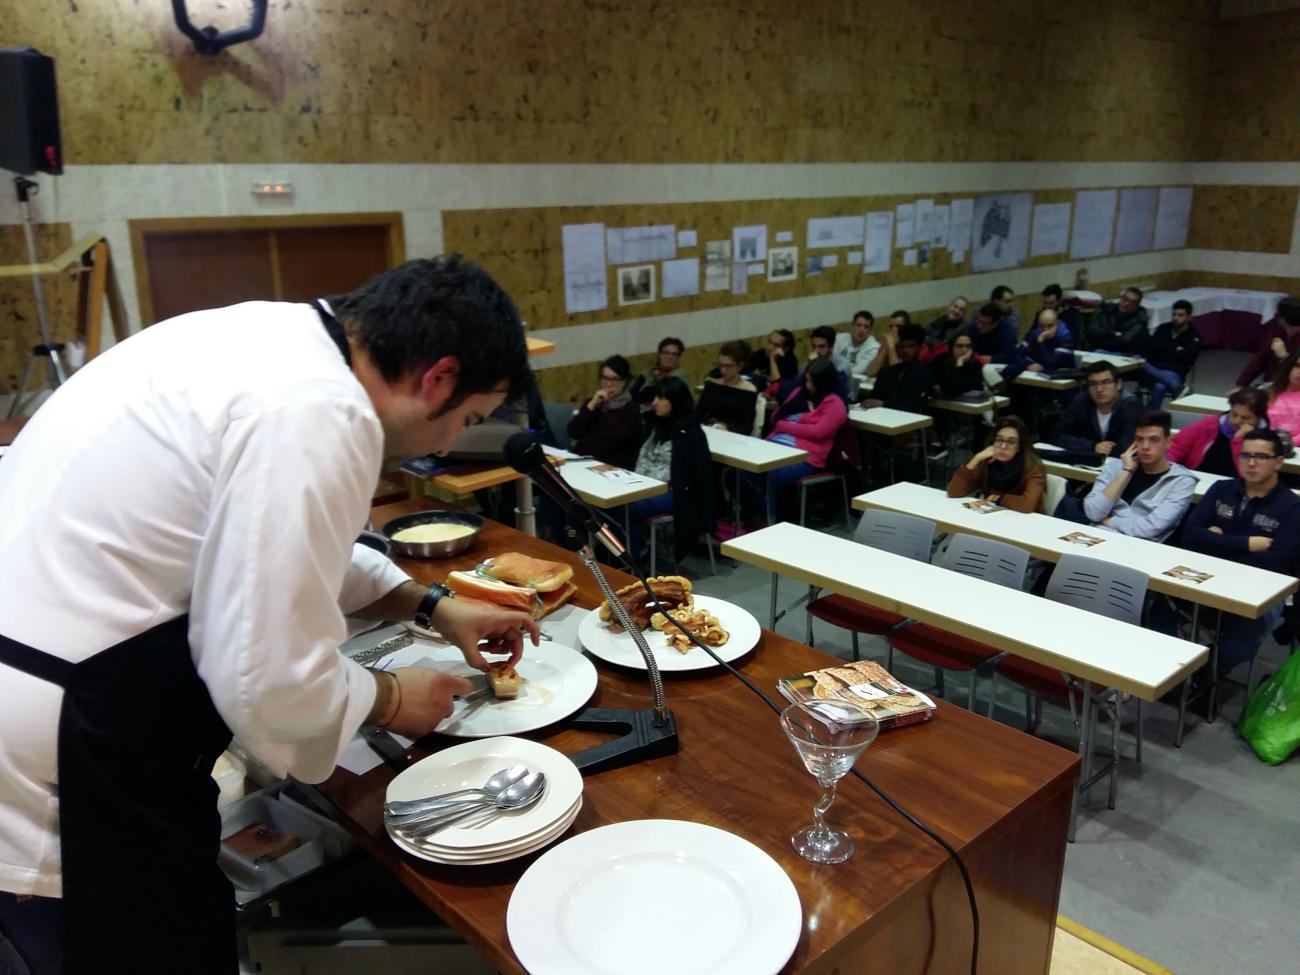 Los alumnos de las escuelas de hostelería de Salamanca y Valladolid conocen las recetas del Torrezno de Soria